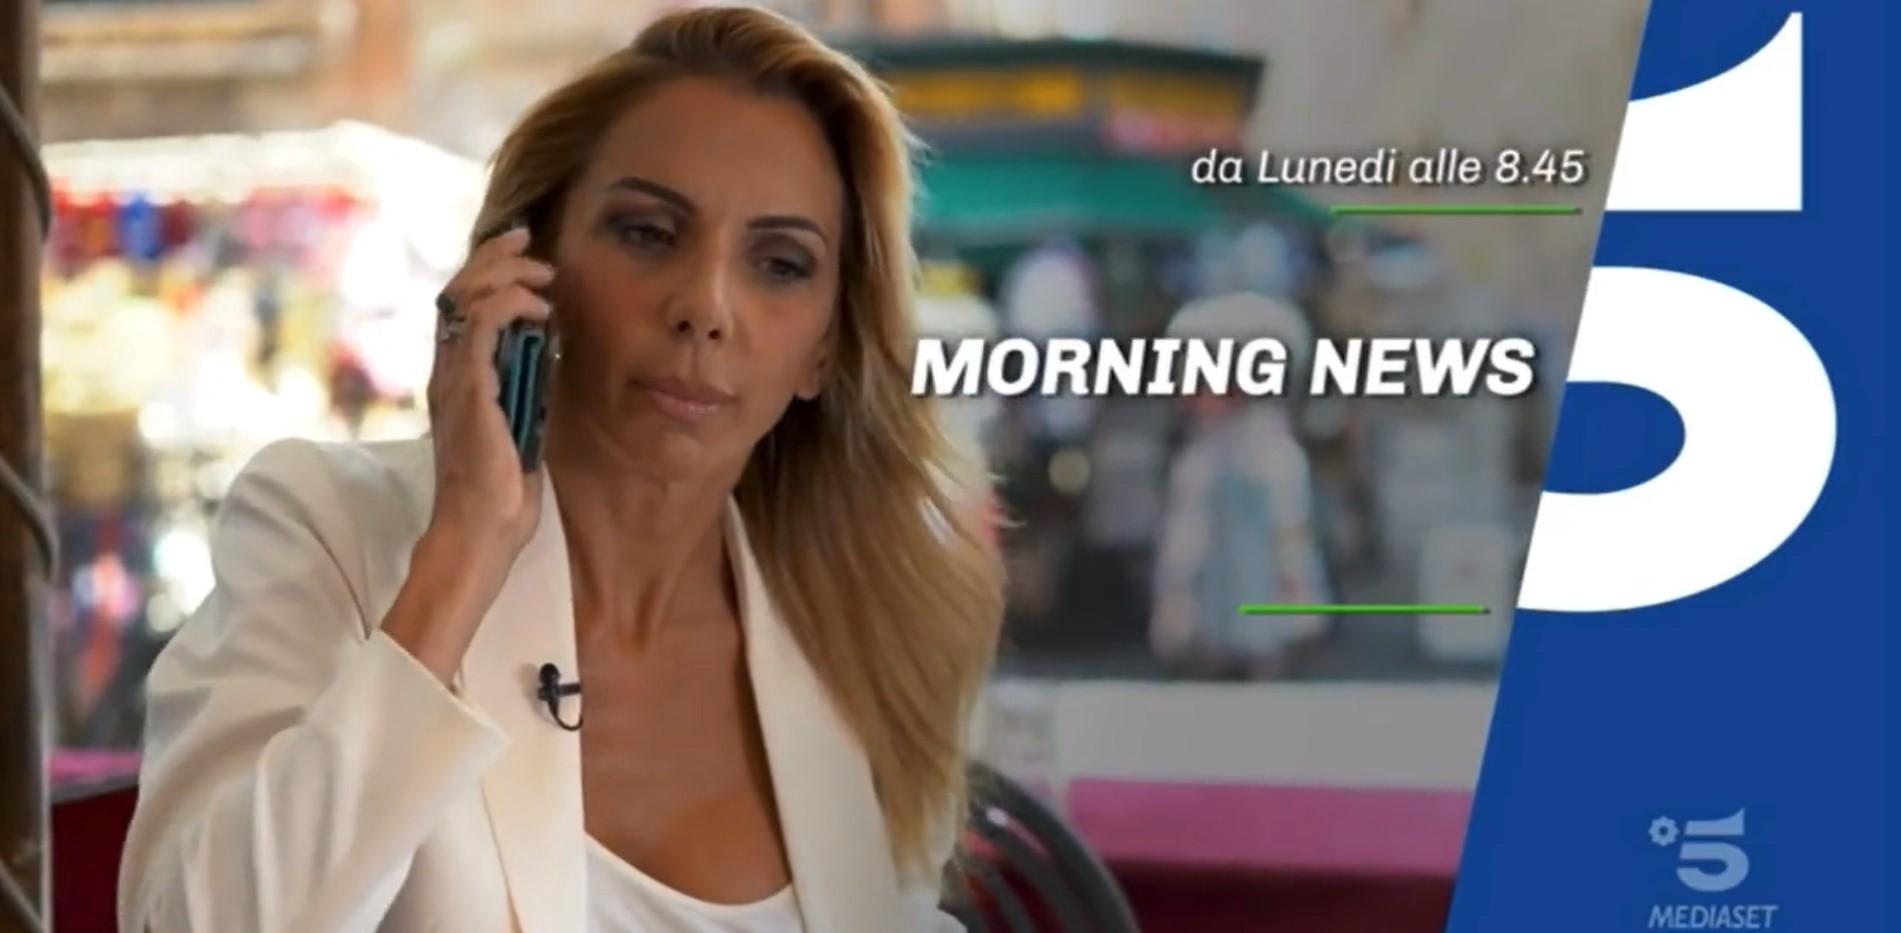 Morning News, alla prima puntata è subito gaffe: ripresa dalla conduttrice